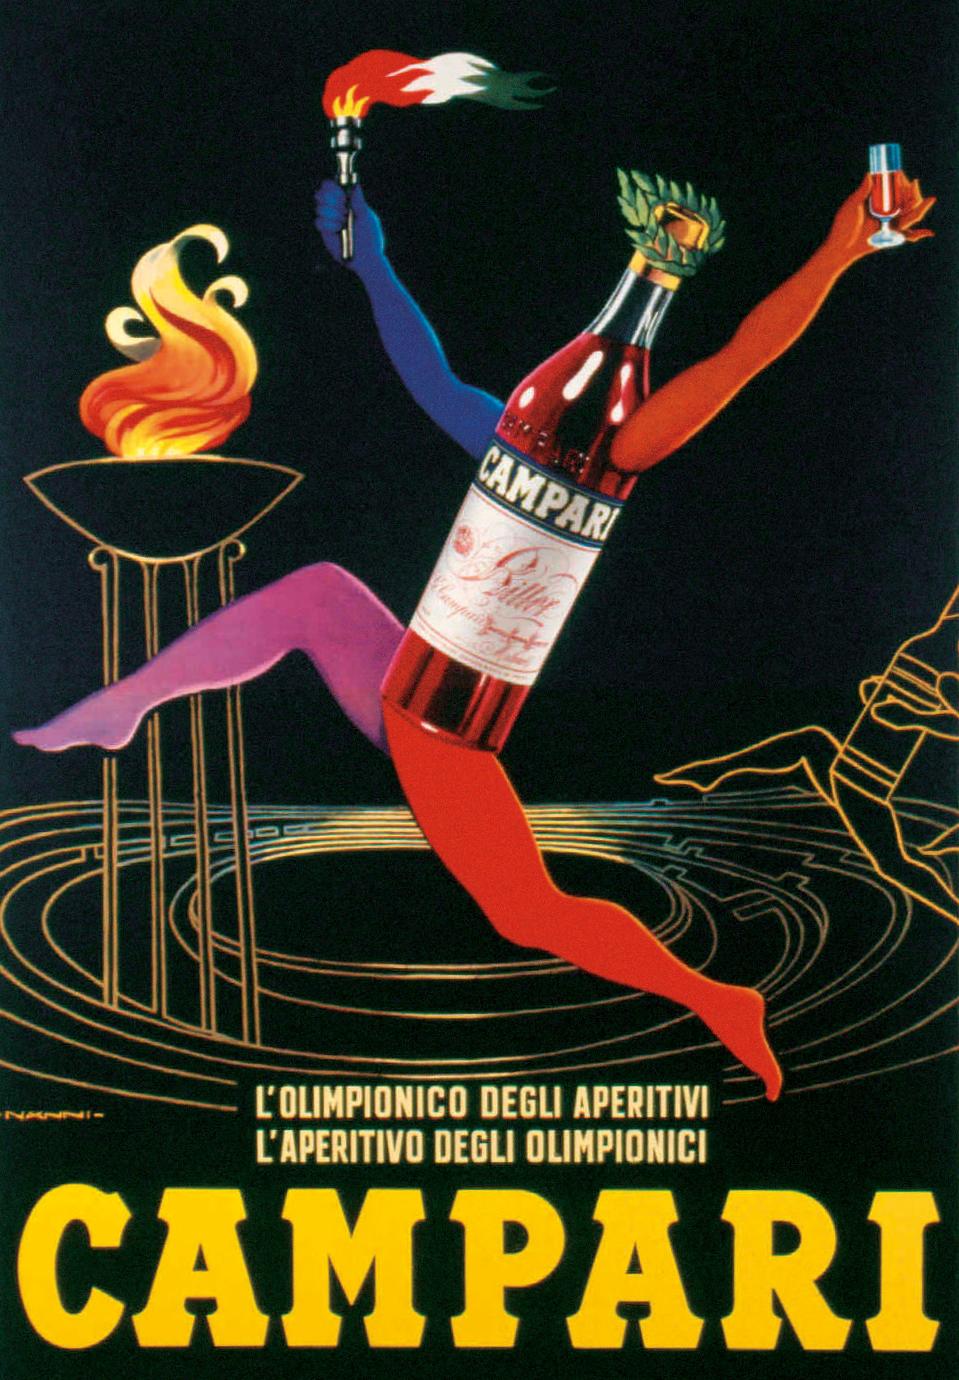 Nuvo Magazine: Campari, The Italian Standby